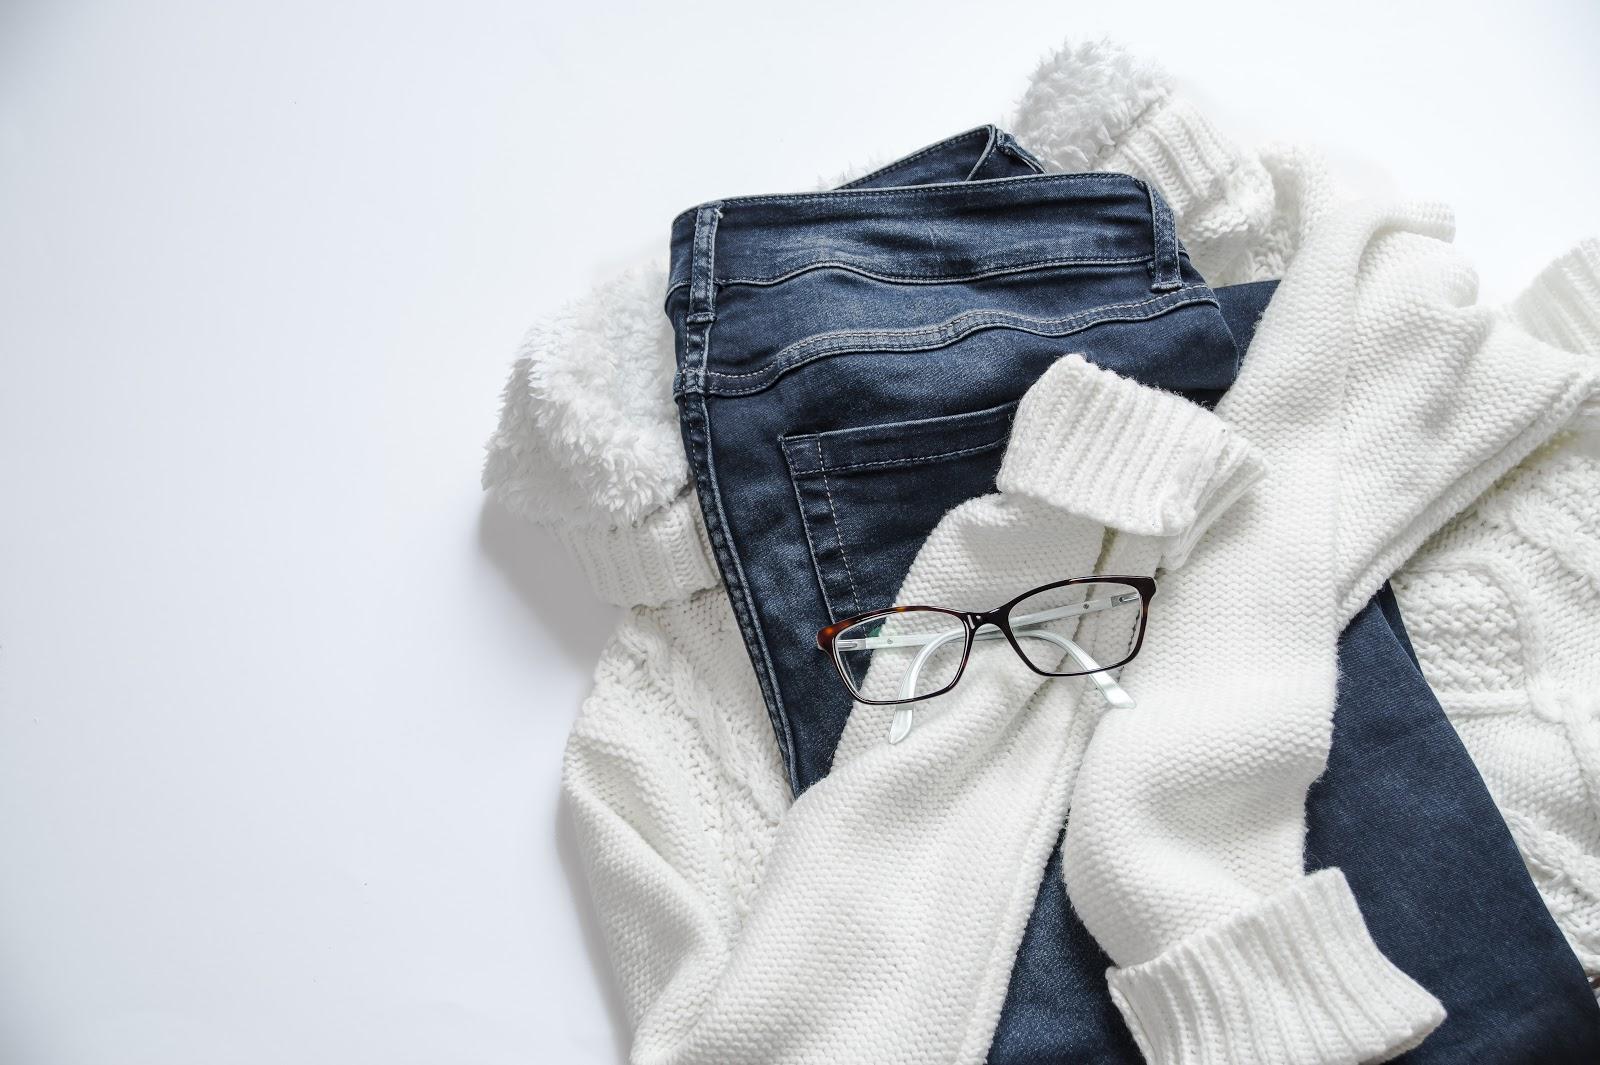 Czyściwo bawełniane- masz z nim styczność codziennie, a czy właściwie używasz?